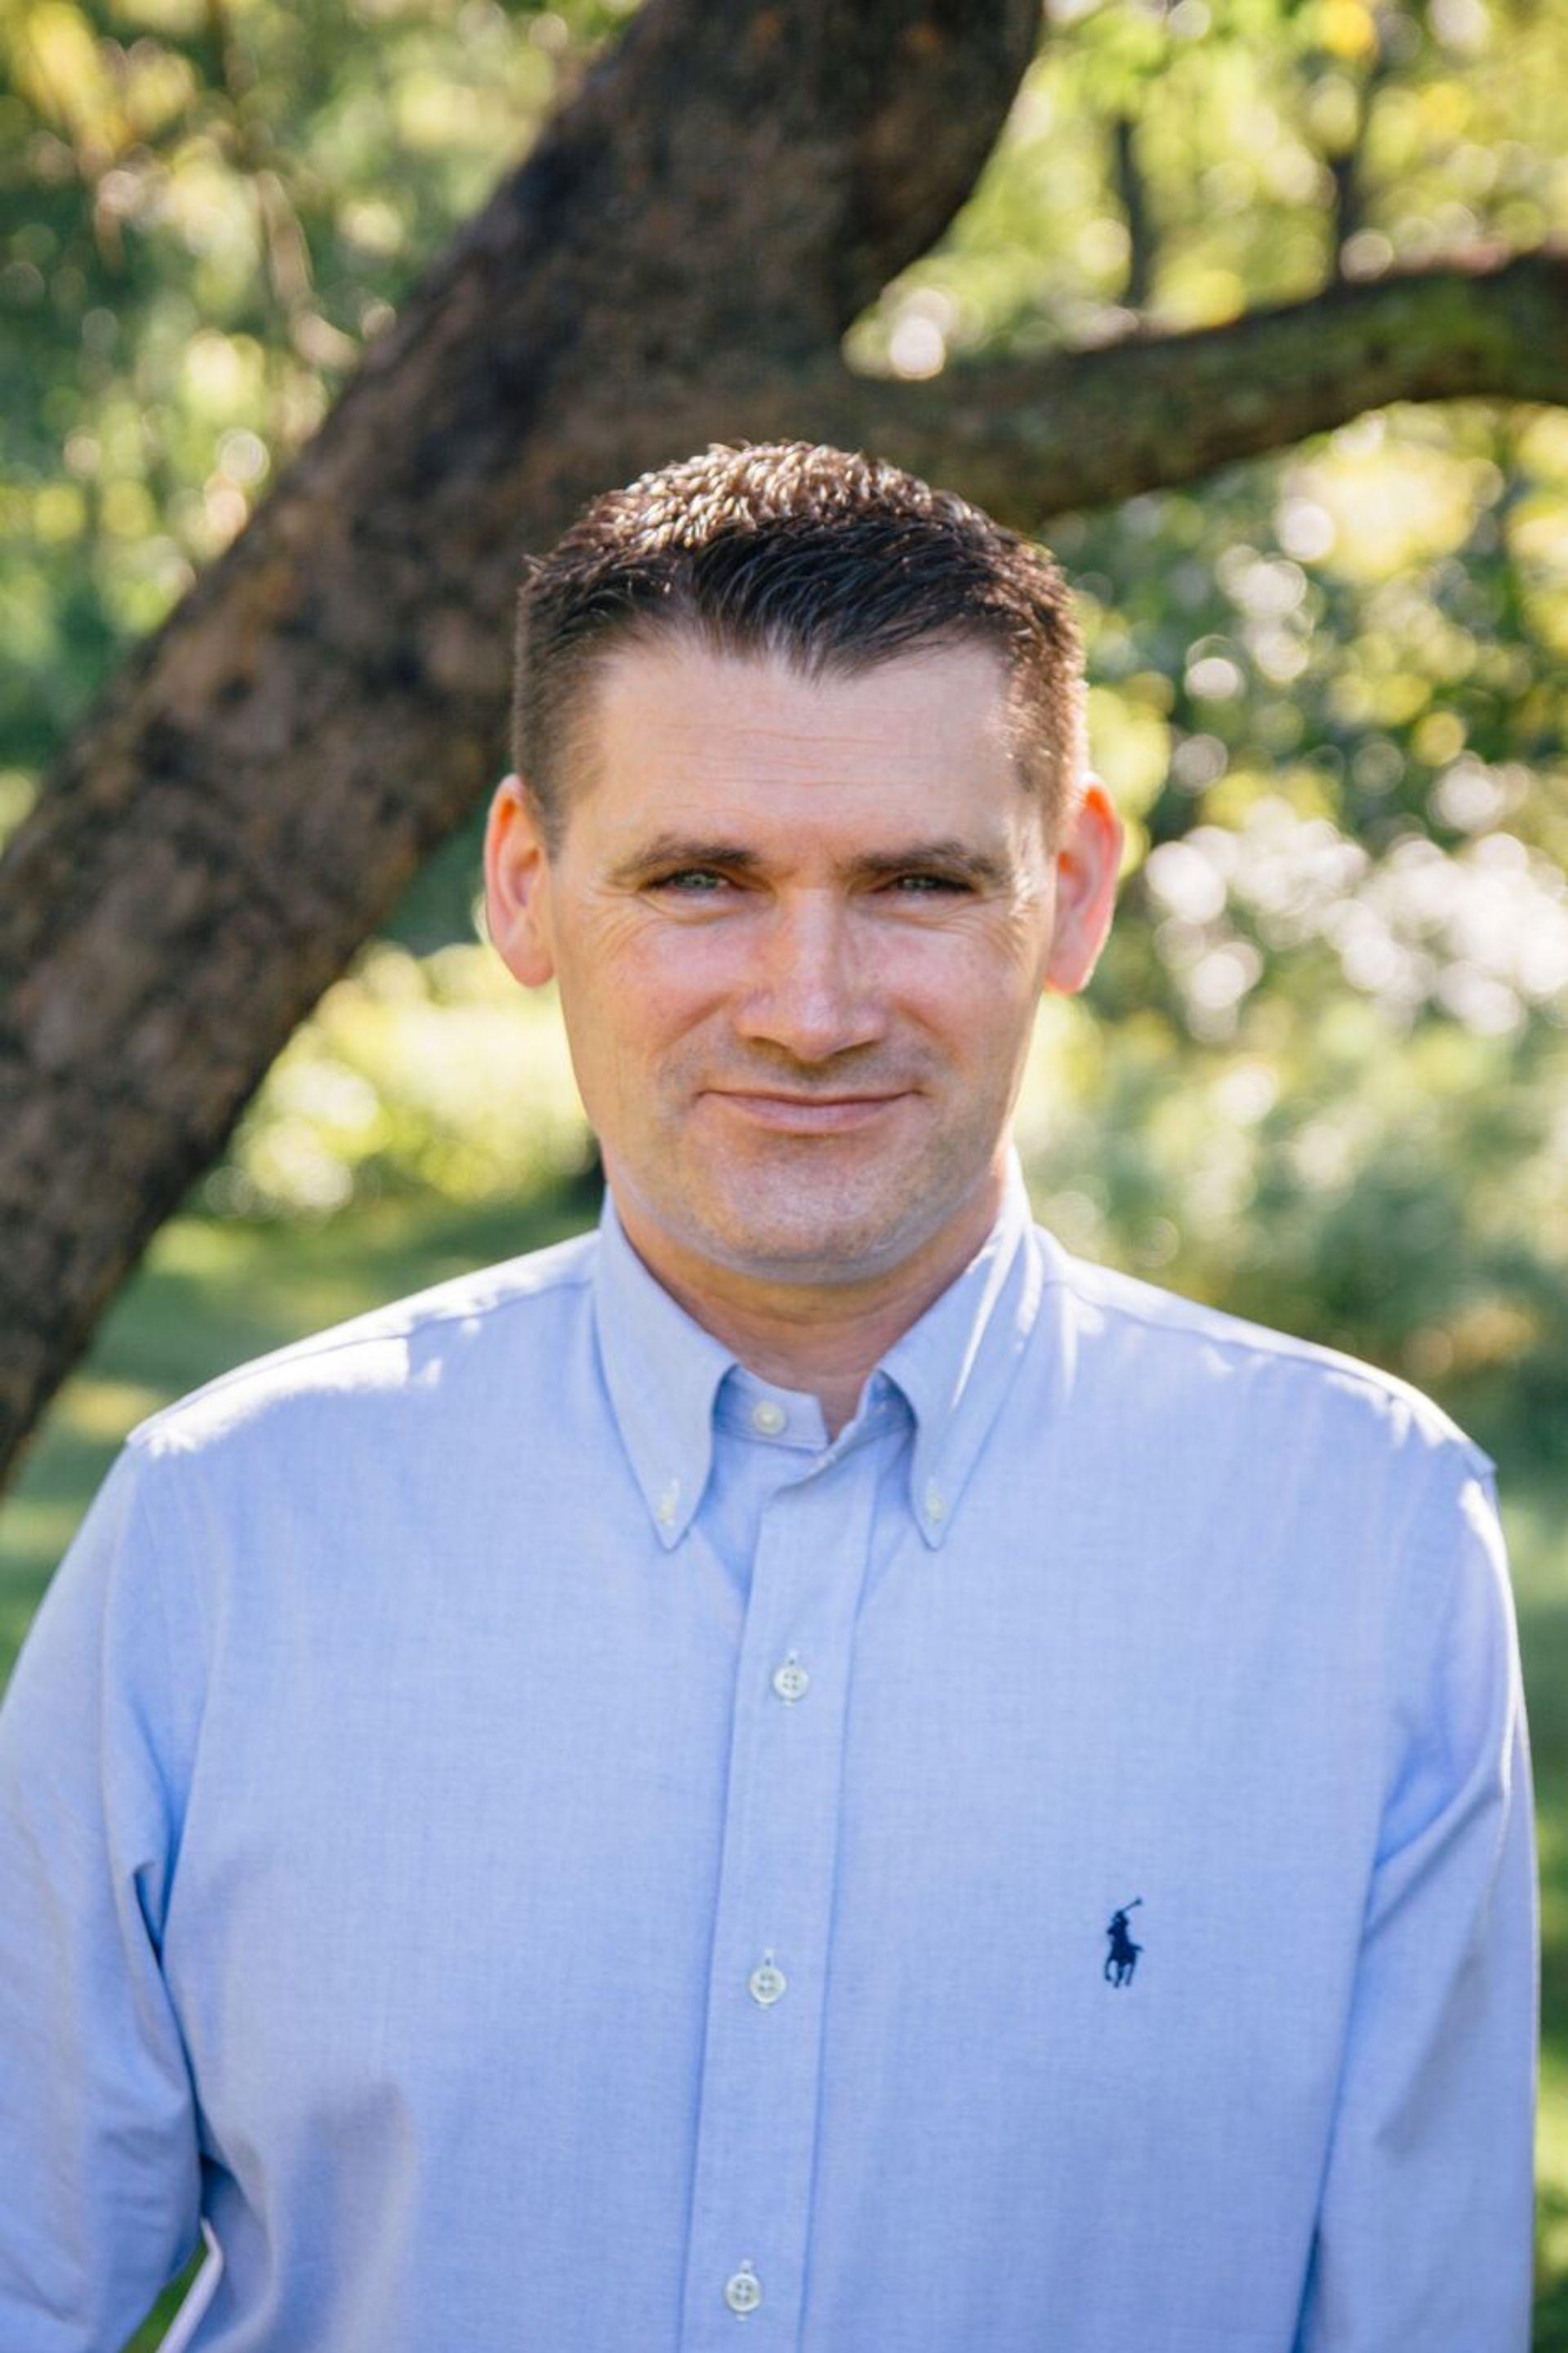 Meet our team member, Karl Clifford